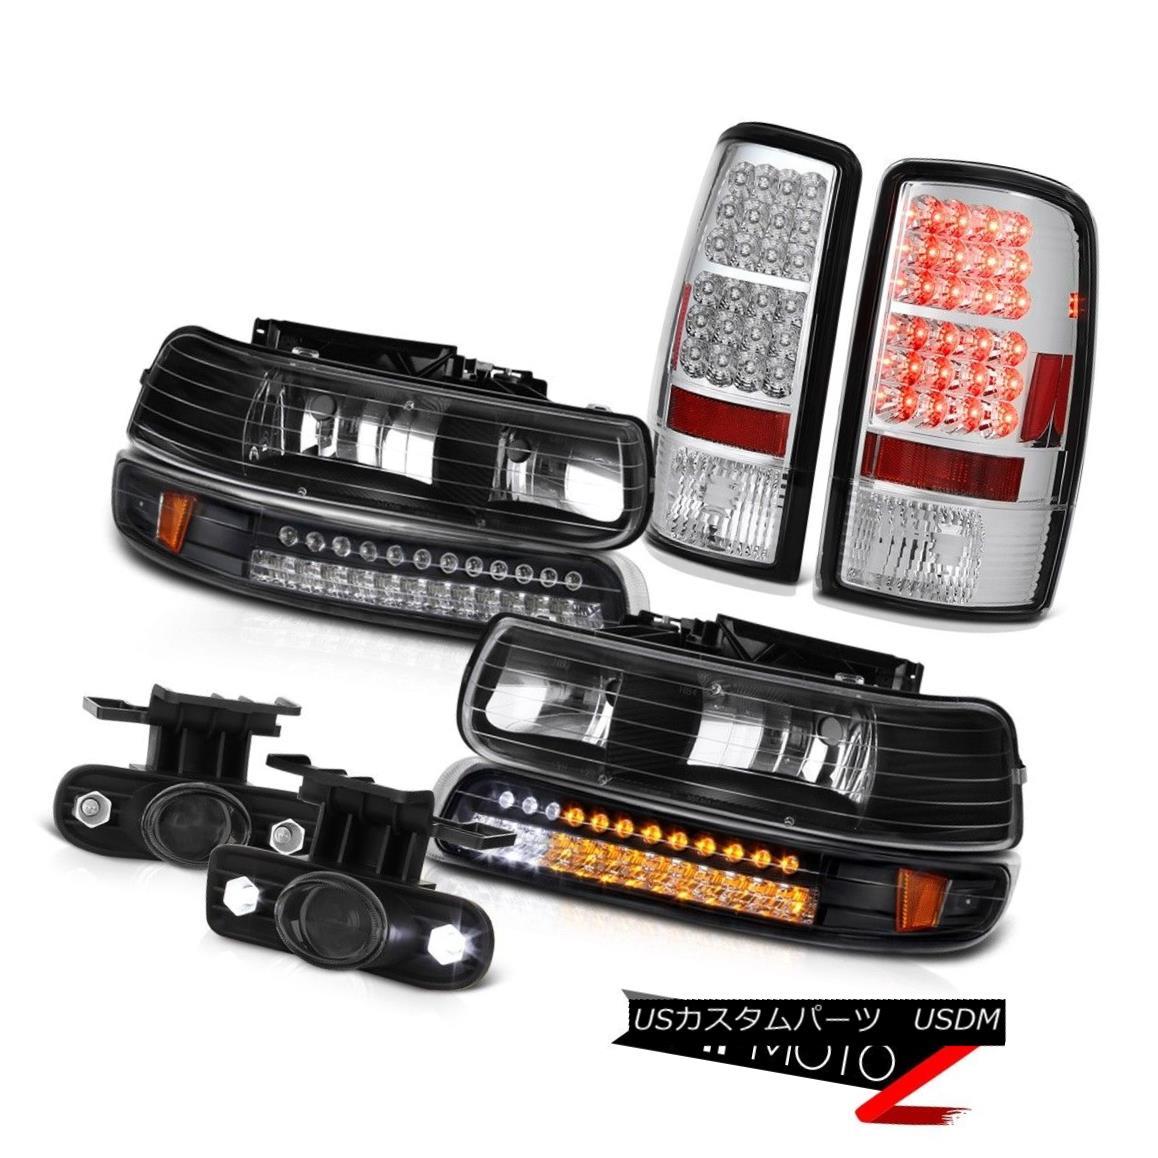 ヘッドライト 00 01 02 03 04 05 06 Tahoe 5.3L Pair Black Headlamps SMD Taillight Smoke Fog 00 01 02 03 04 05 06タホー5.3LペアブラックヘッドランプSMDテールライトスモークフォグ